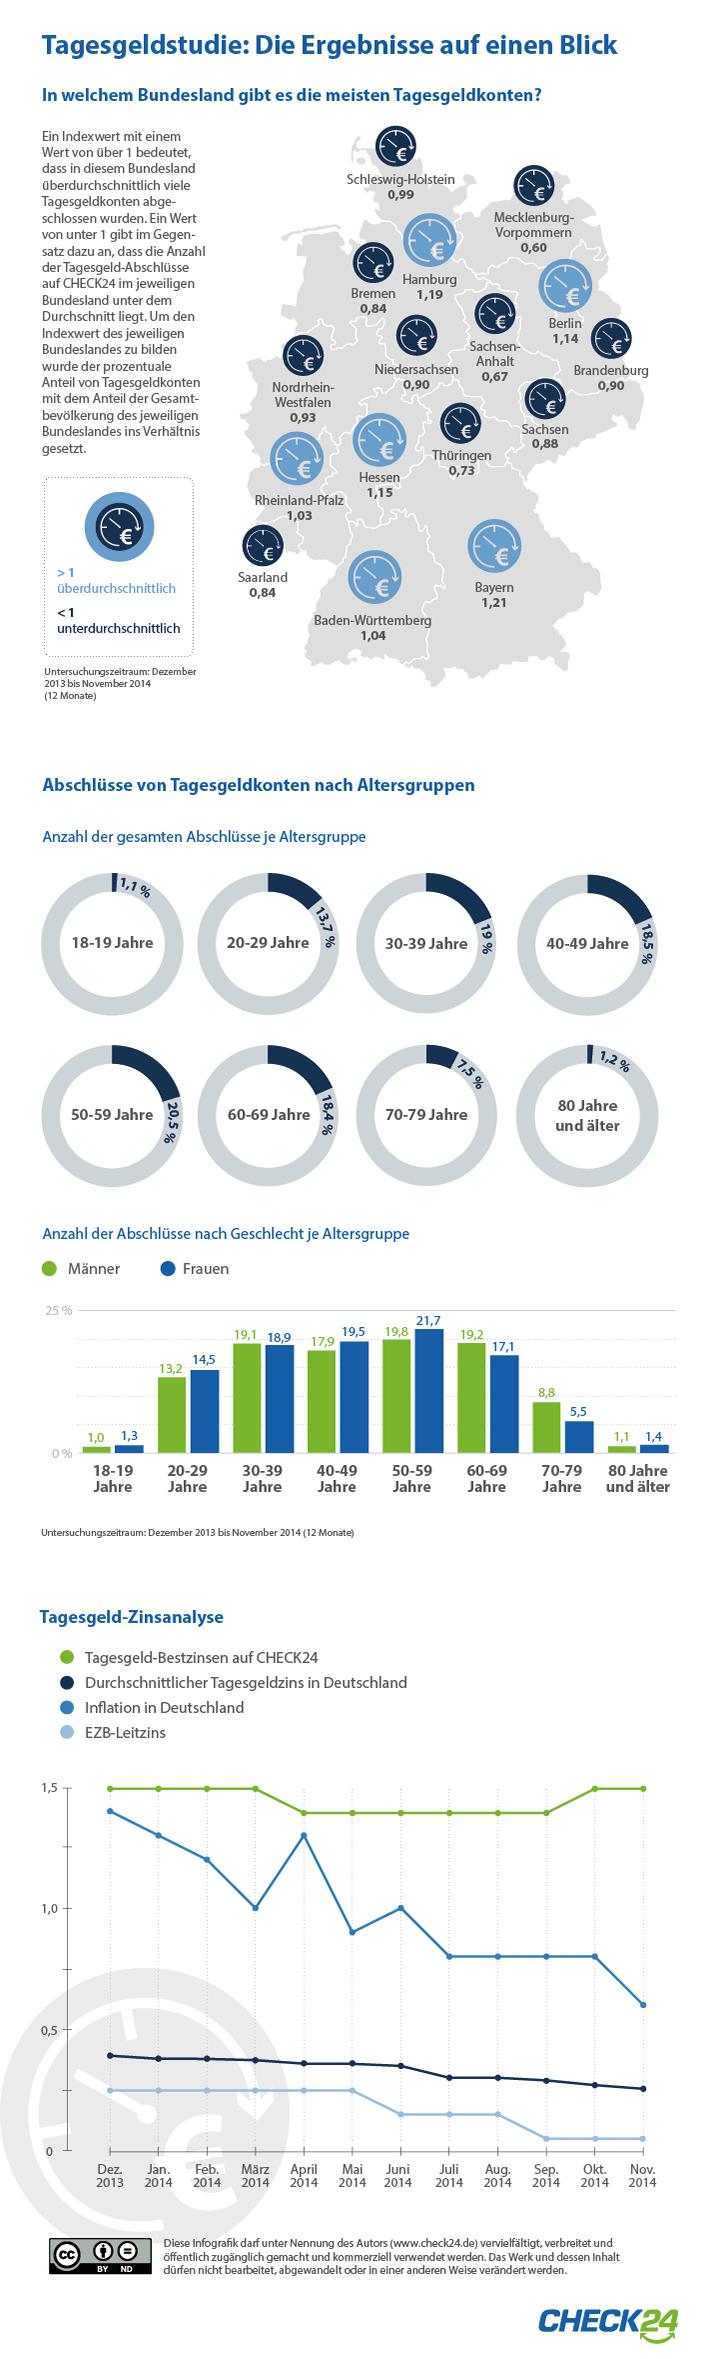 Ergebnisse Tagesgeldstudie 2014